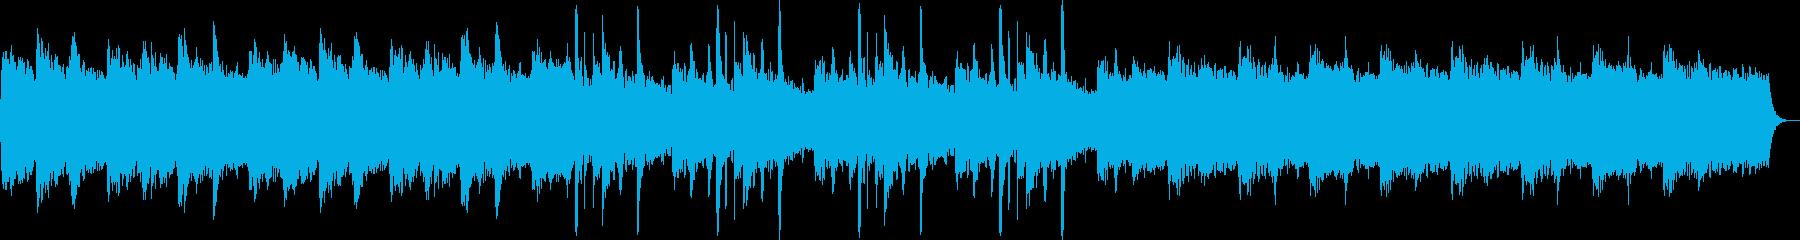 ゆっくりと優しいピアノシンセサウンドの再生済みの波形